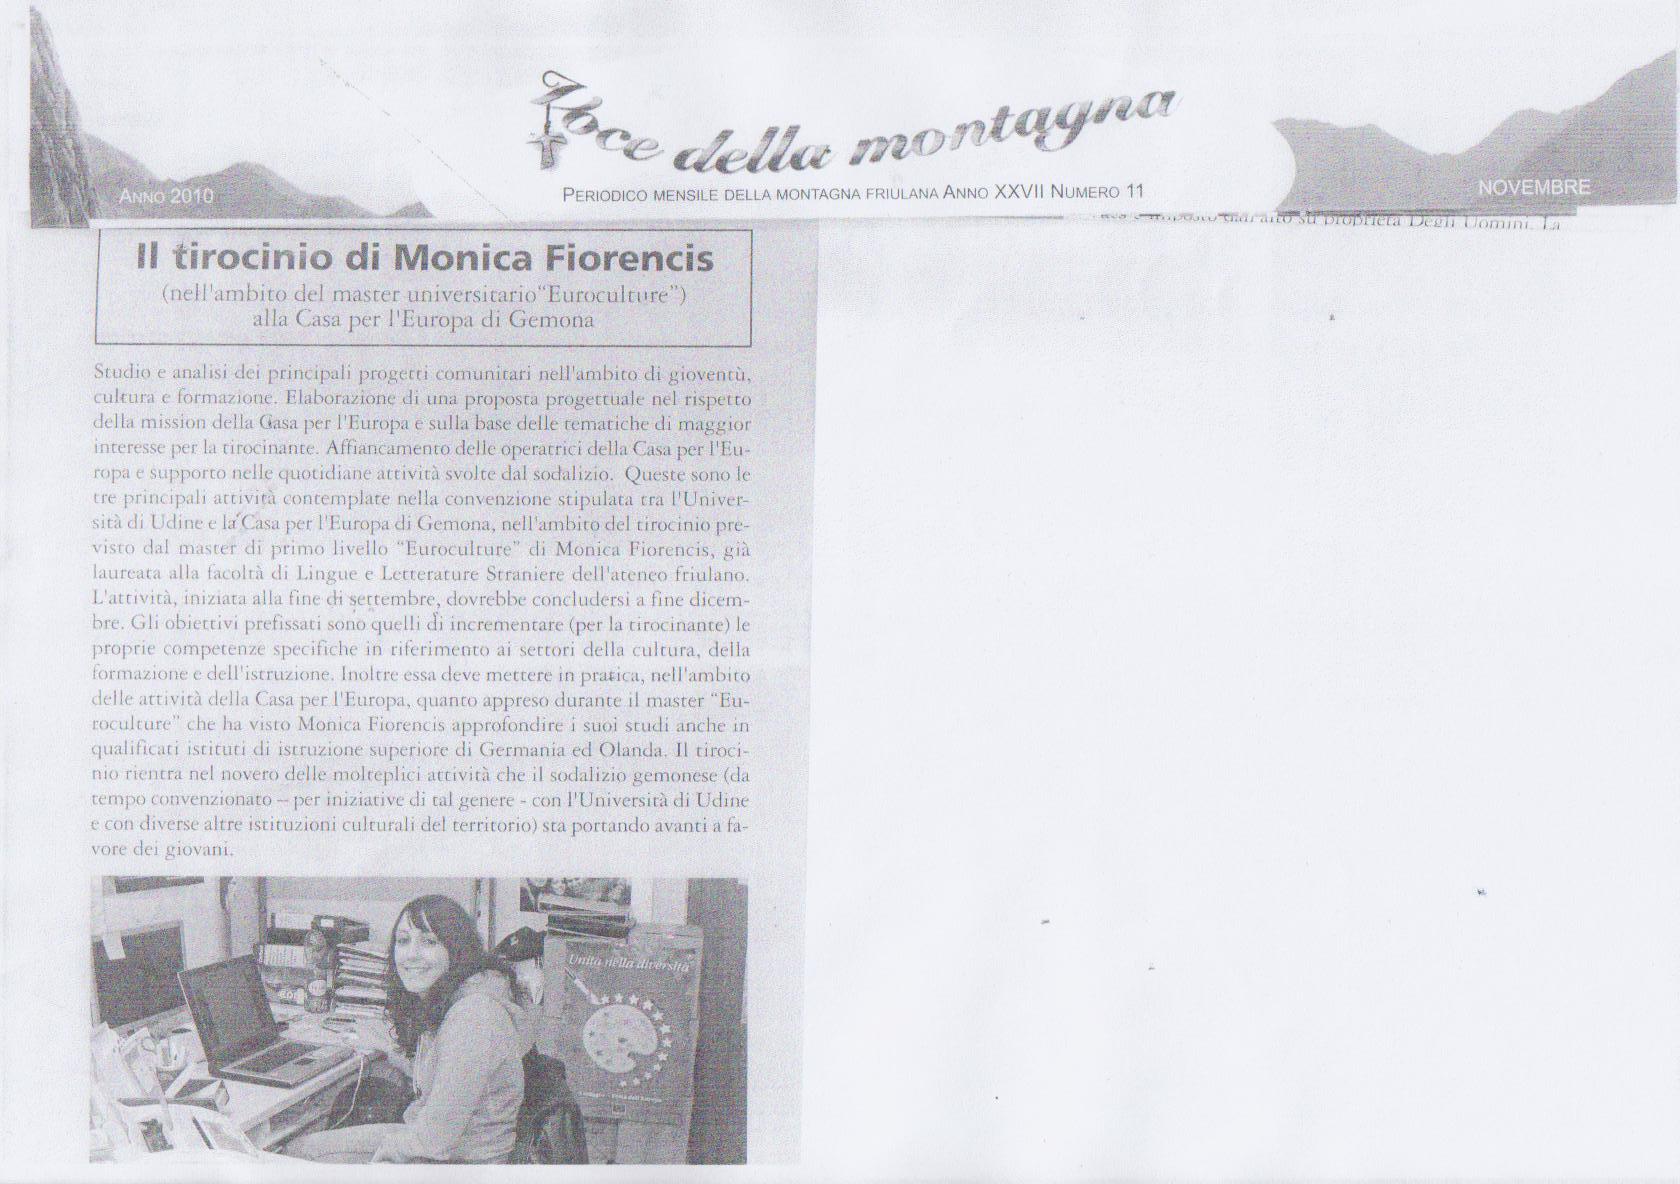 Il tirocinio di Monica Fiorencis - novembre 2010